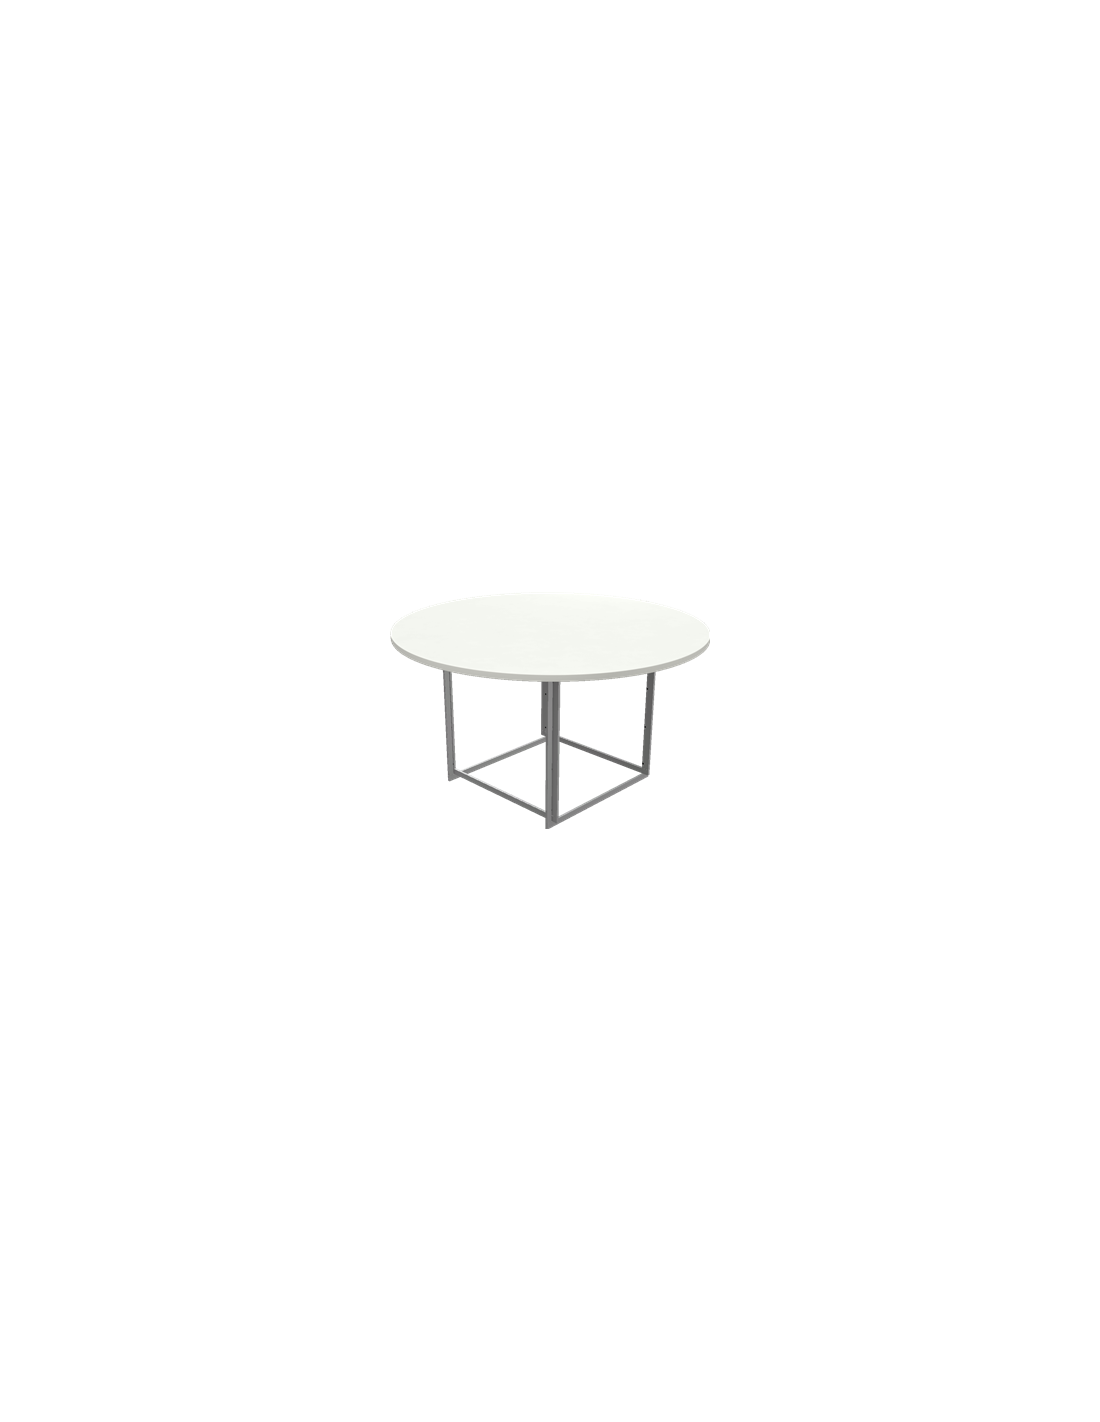 tisch pk58 von fritz hansen. Black Bedroom Furniture Sets. Home Design Ideas